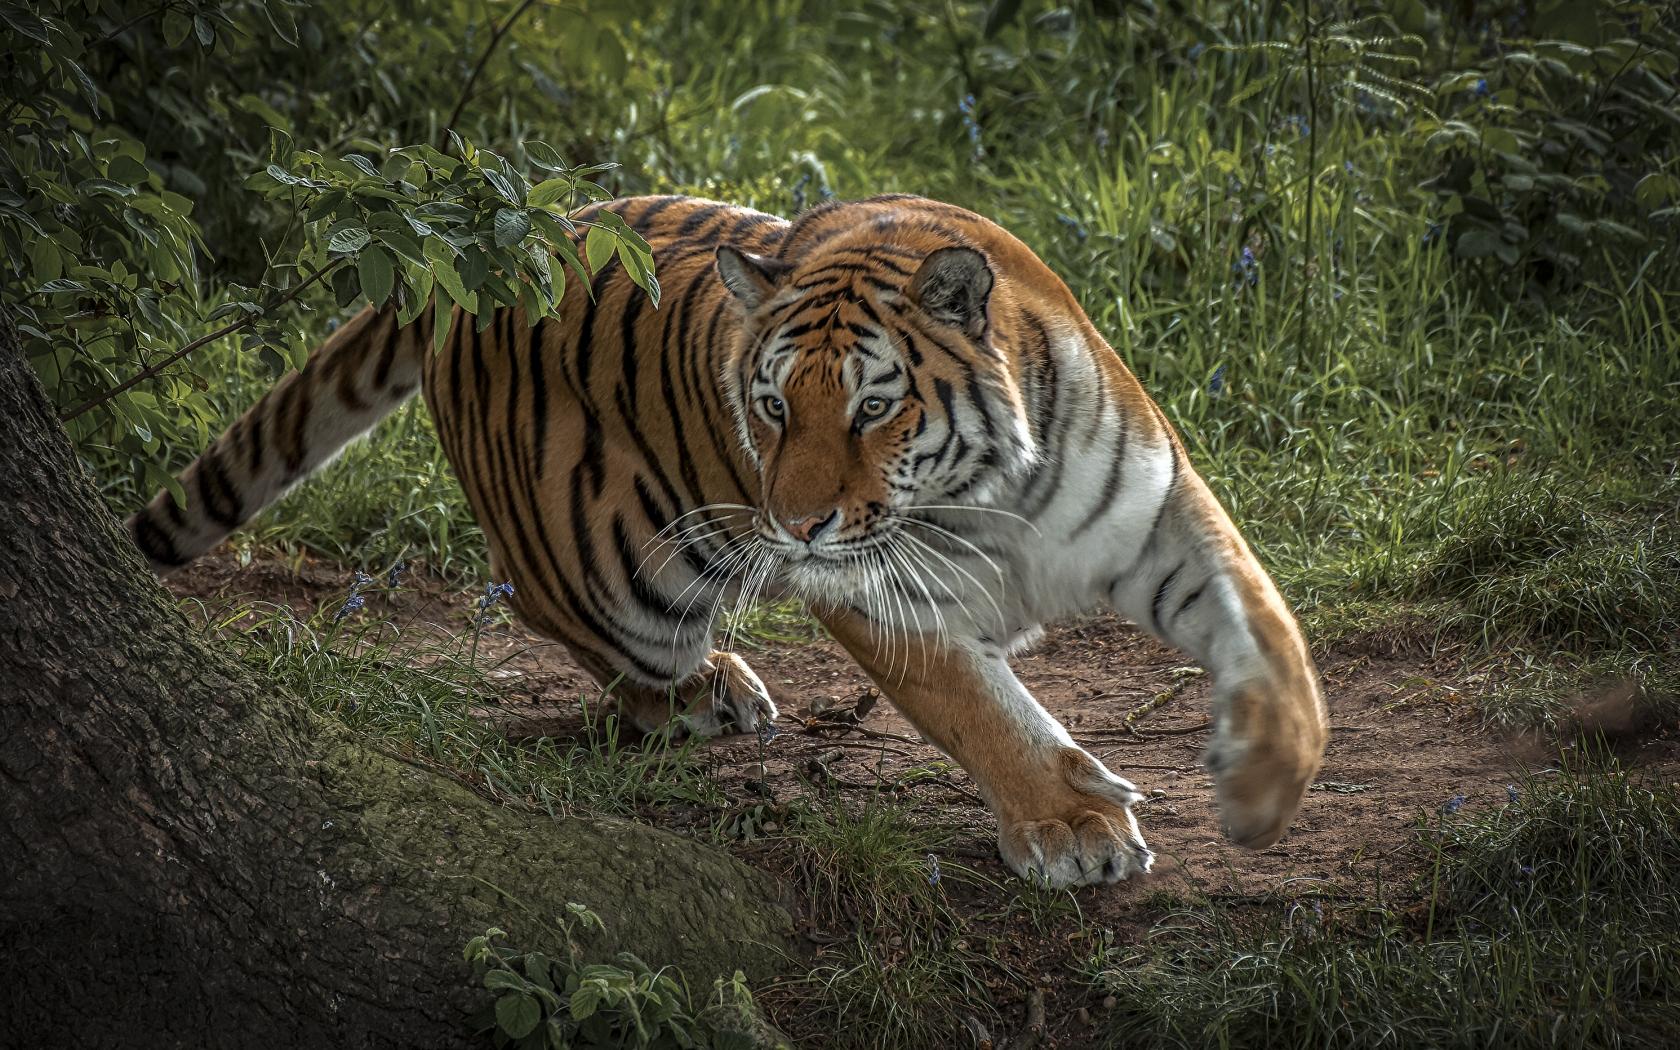 Tigre corriendo - 1680x1050